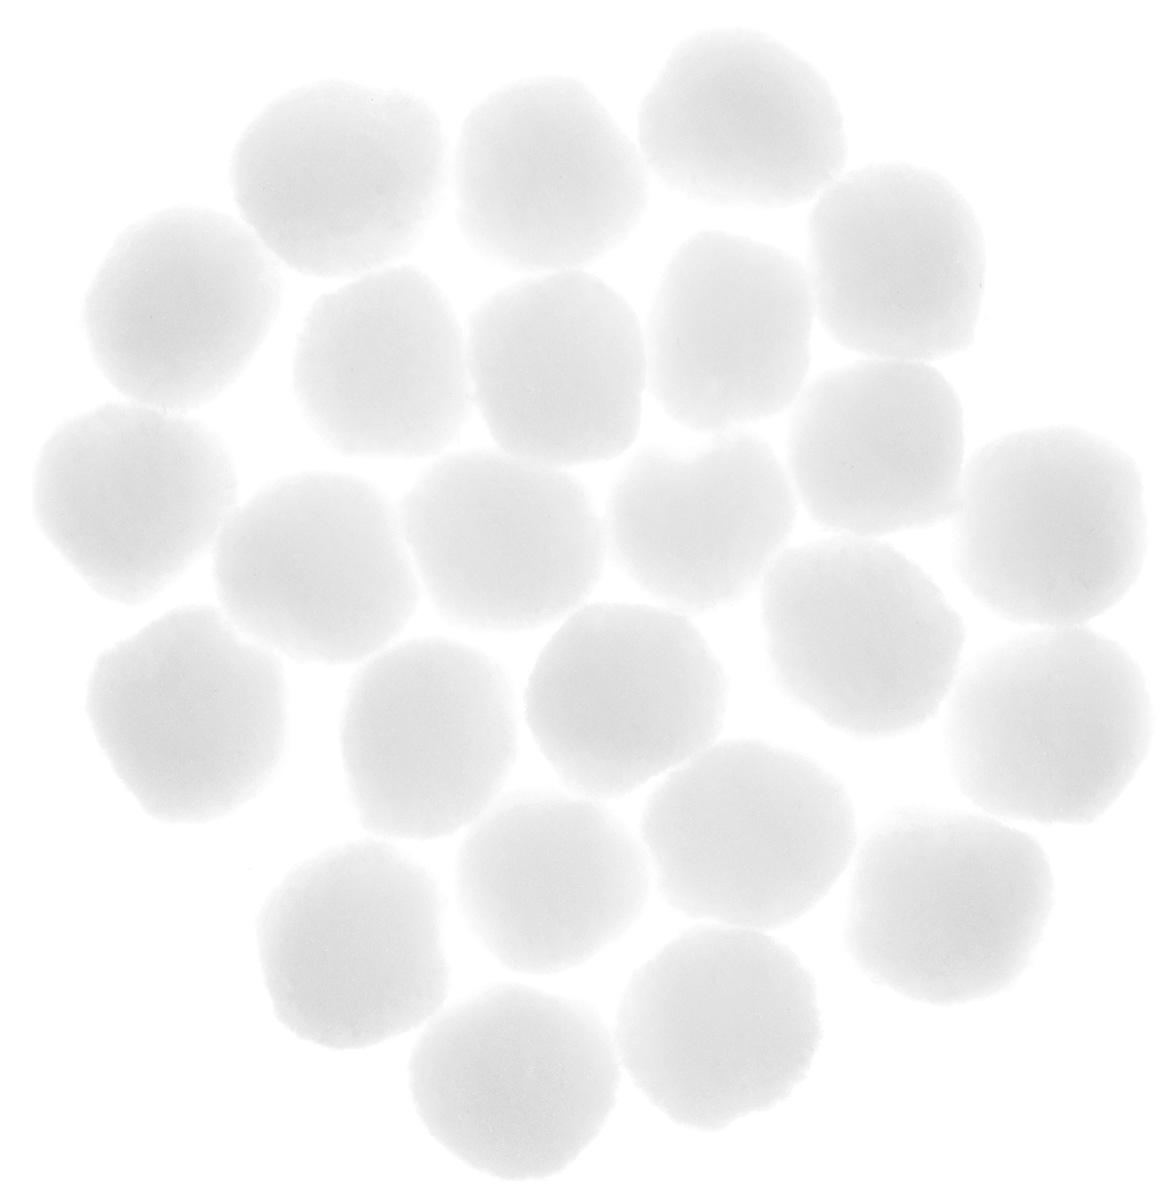 Декоративное украшение Lunten Ranta Снежки, диаметр 3 см, 25 штK100Декоративные украшения Lunten Ranta Снежки отлично подойдут для декорации вашего дома в преддверии Нового года. В наборе - 25 украшений, выполненных из полиэстера в виде маленьких комочков снега. Создайте в своем доме атмосферу веселья и радости, оформляя всей семьей комнату украшениями, которые будут из года в год накапливать теплоту воспоминаний.